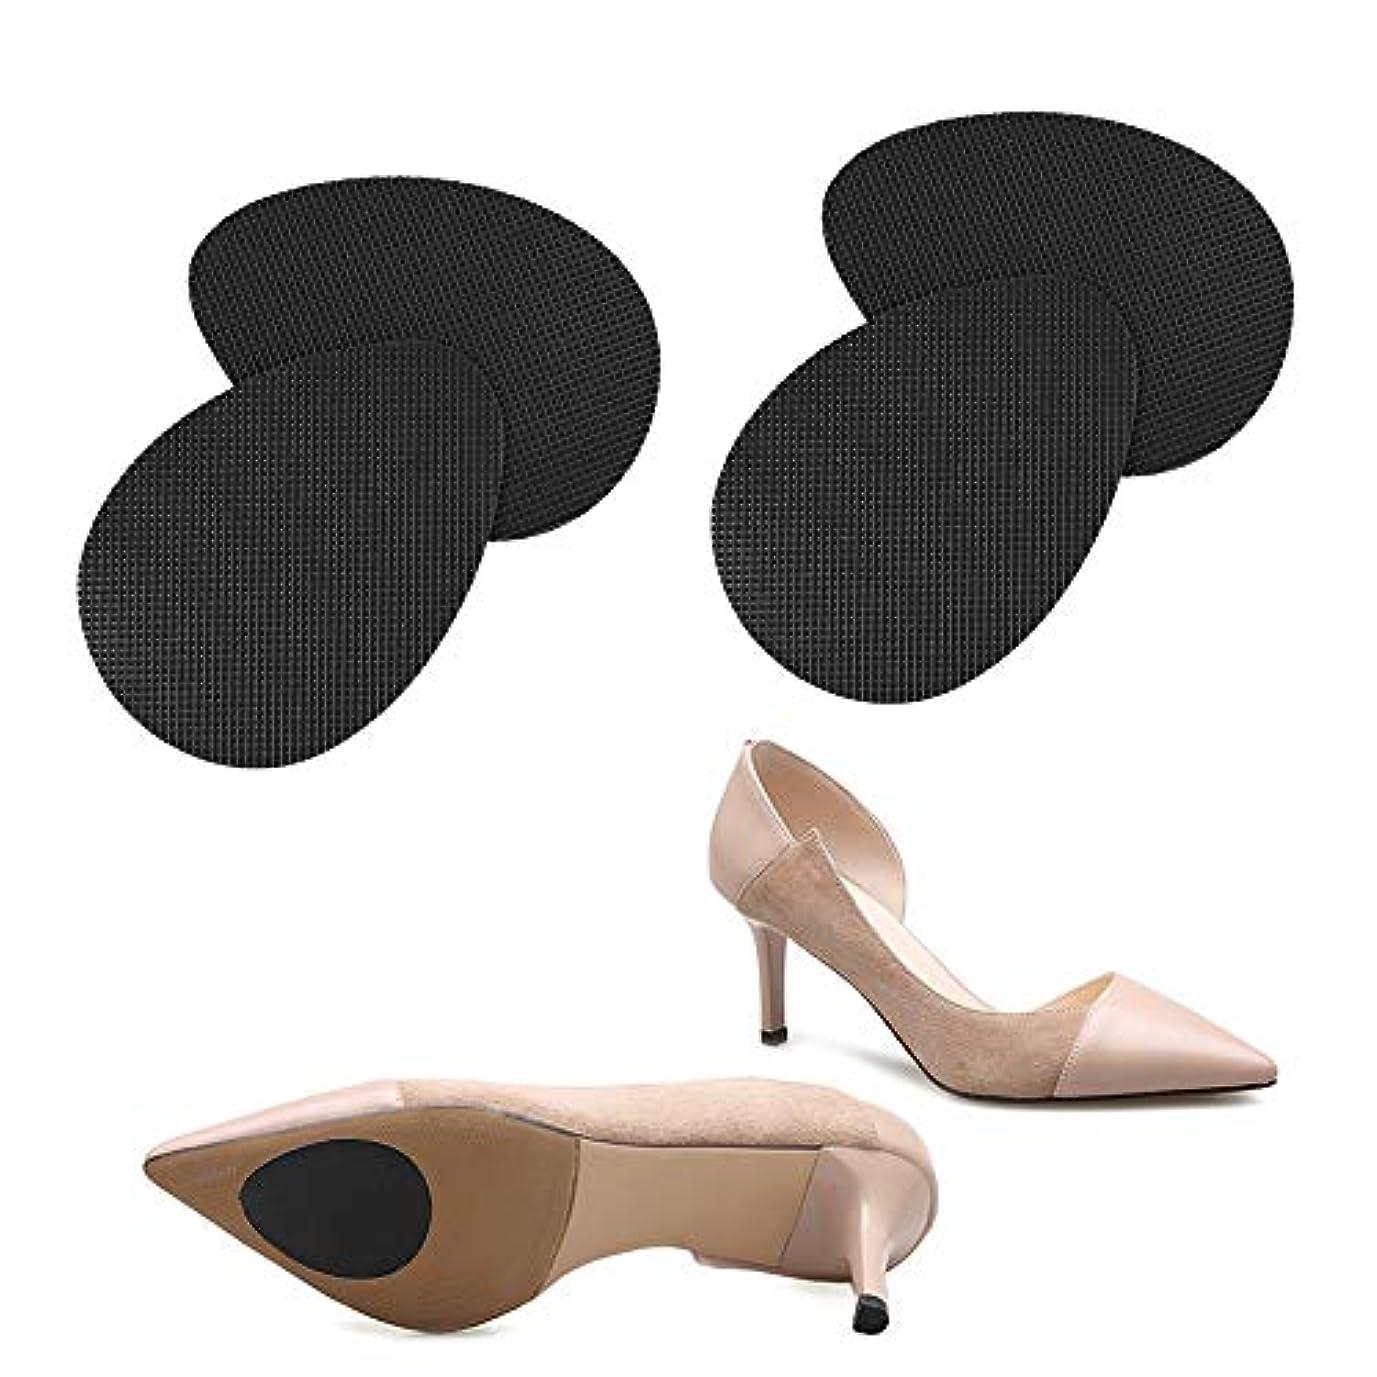 プランテーション同情ダイヤモンド靴 滑り止め ステッカー,LINECY 【スリップガード】靴保護 シート つま先&かかと 靴底補修 滑り止め (2足4枚いり)